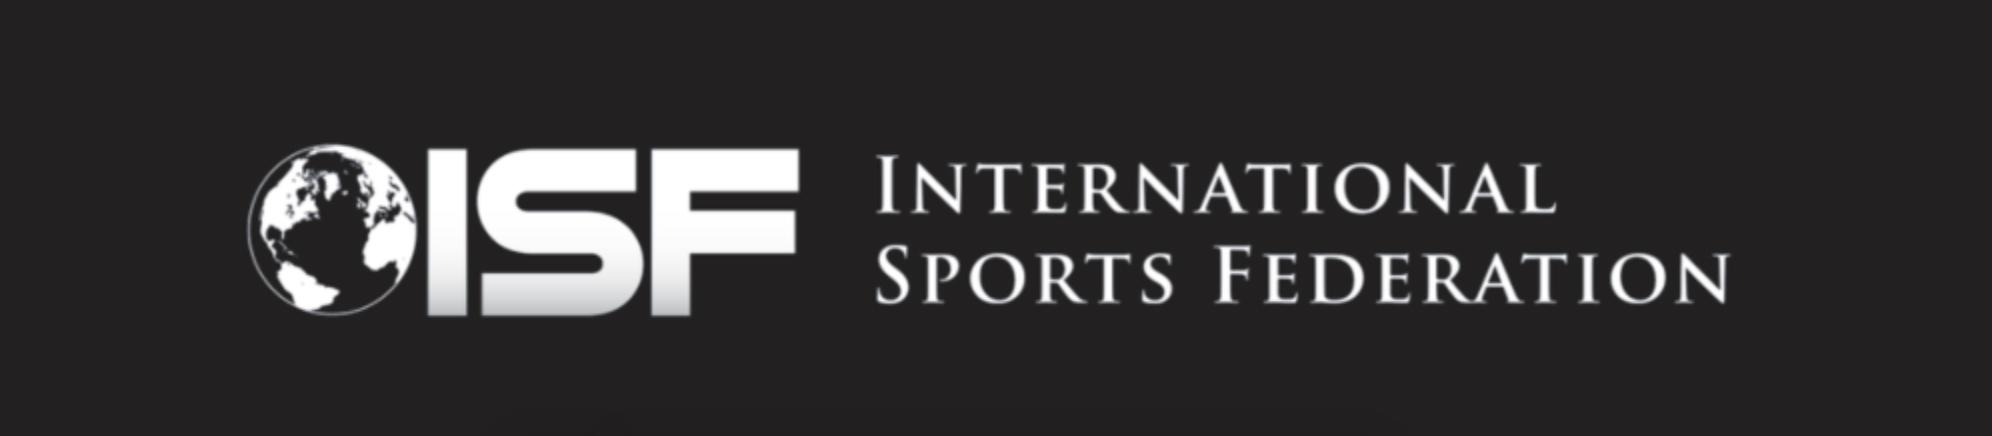 kenya-journals-ISF-logo-crossbar.jpg